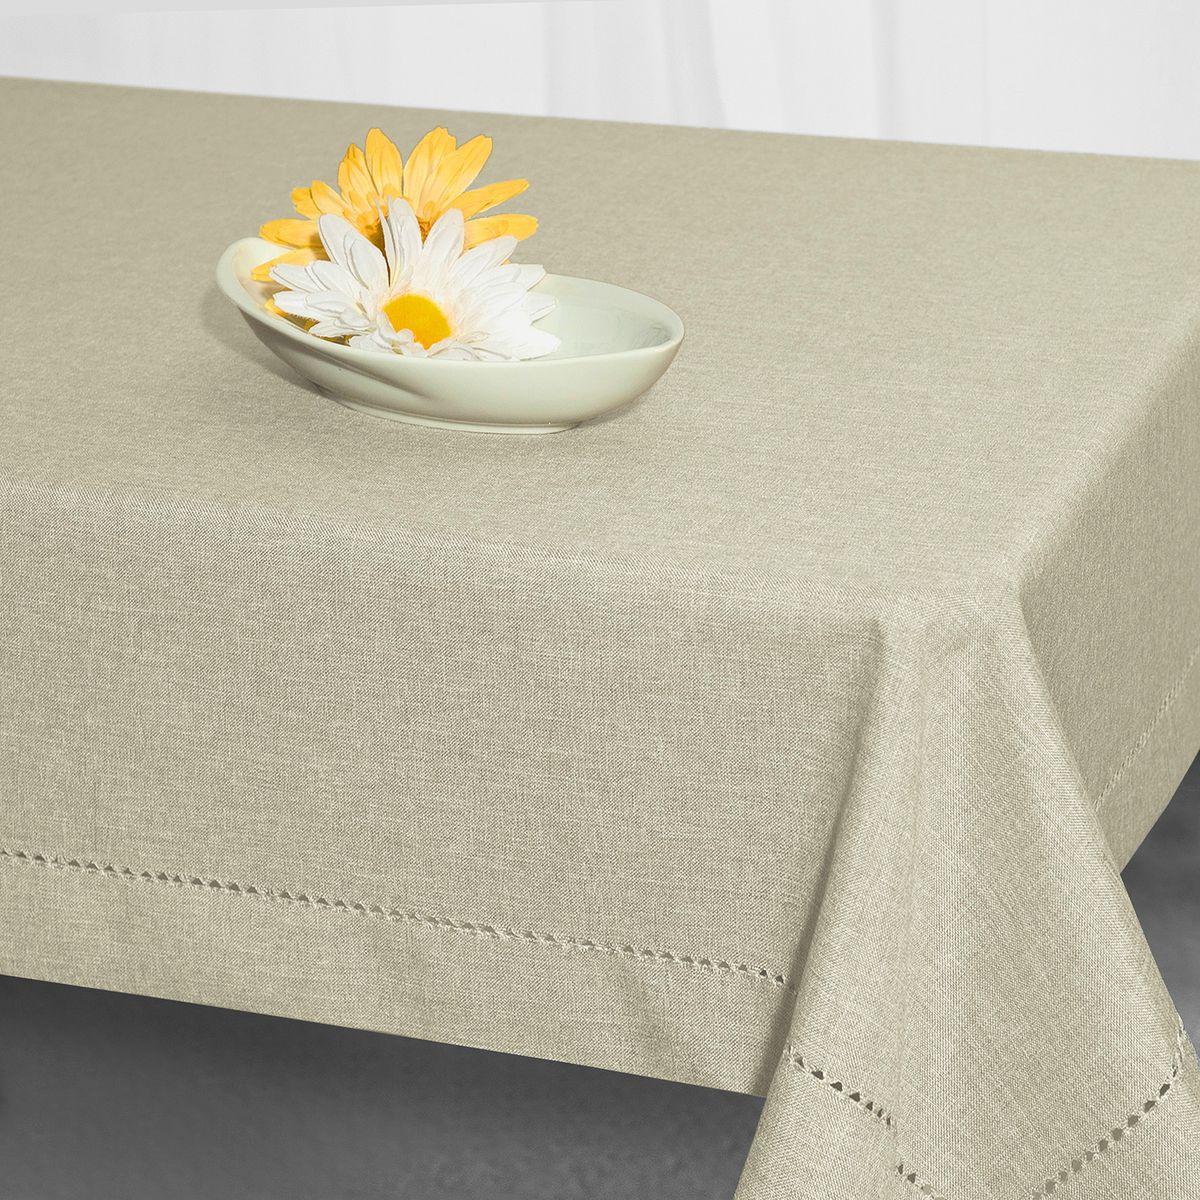 Скатерть Schaefer, прямоугольная, цвет: серый, 130 x 170 см. 07600-42907600-429Стильная скатерть Schaefer выполнена из полиэстера.Изделия из полиэстера легко стирать: они не мнутся, не садятся и быстро сохнут, они более долговечны, чем изделия из натуральных волокон.Немецкая компания Schaefer создана в 1921 году. На протяжении всего времени существования она создает уникальные коллекции домашнего текстиля для гостиных, спален, кухонь и ванных комнат. Дизайнерские идеи немецких художников компании Schaefer воплощаются в текстильных изделиях, которые сделают ваш дом красивее и уютнее и не останутся незамеченными вашими гостями. Дарите себе и близким красоту каждый день!